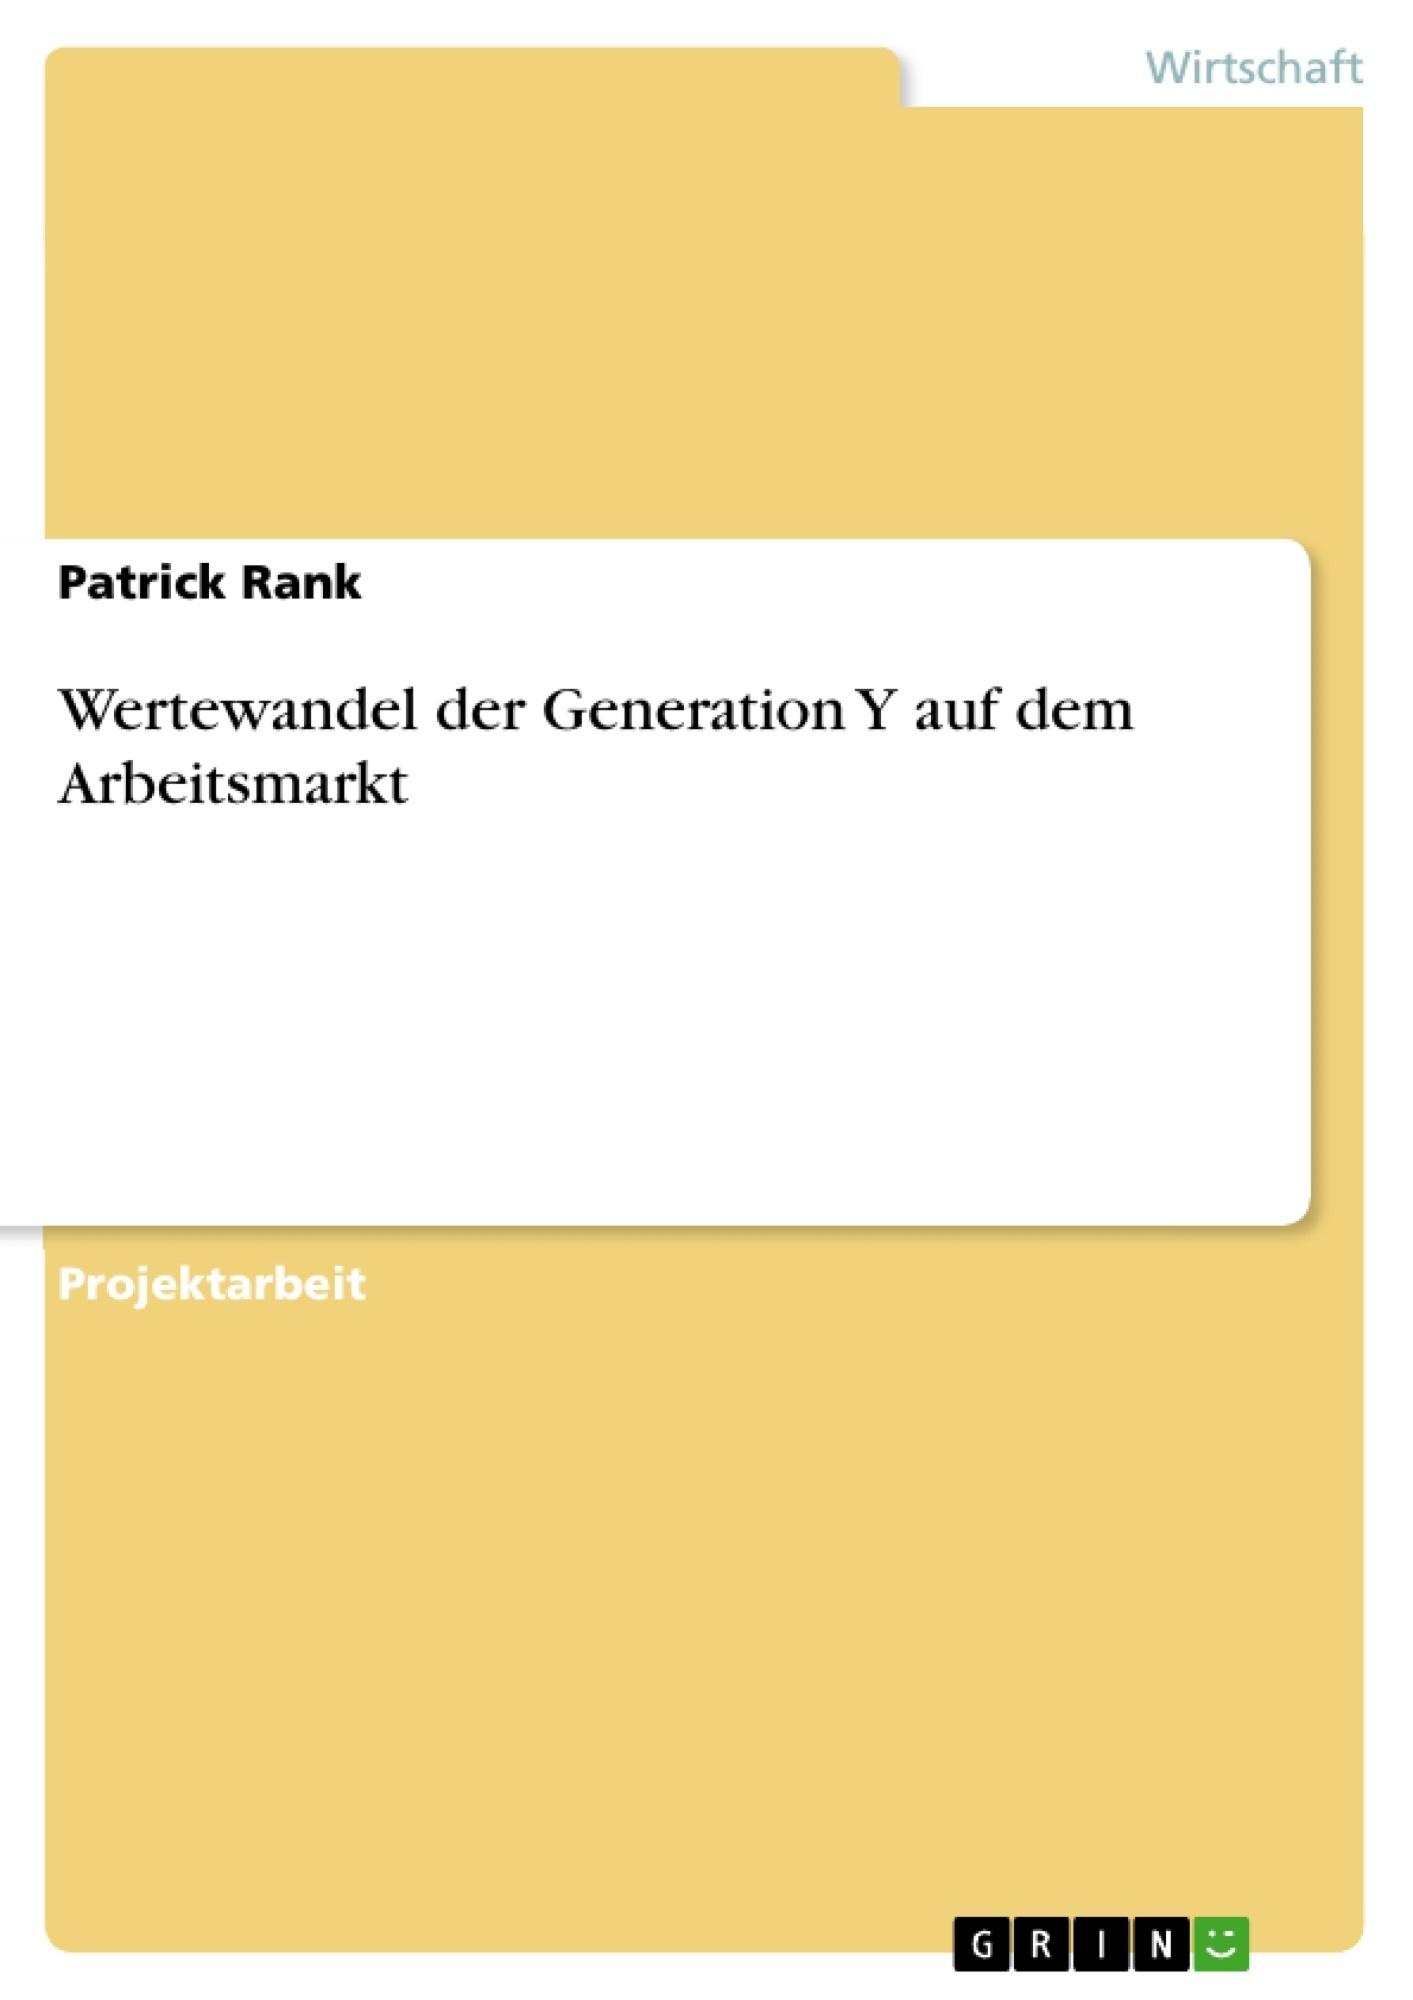 Titel: Wertewandel der Generation Y auf dem Arbeitsmarkt